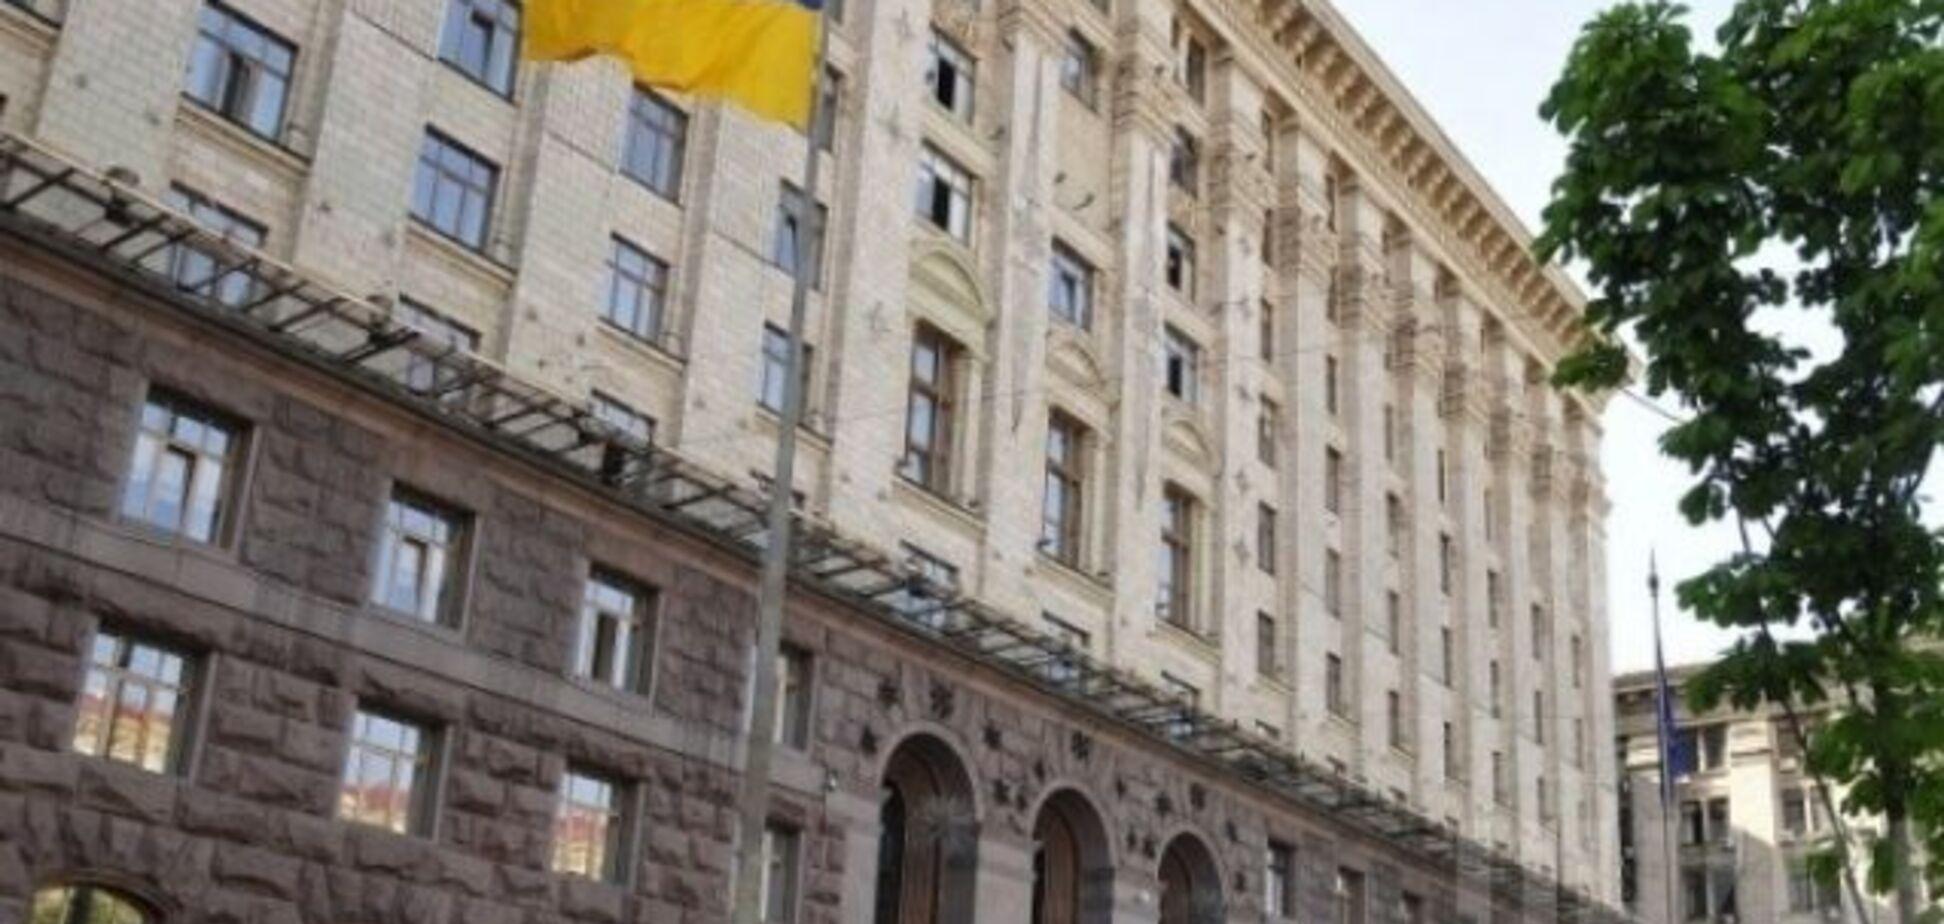 Мэр больше не будет главой КГГА: монобольшинство Рады поддержало законопроект 'О столице'